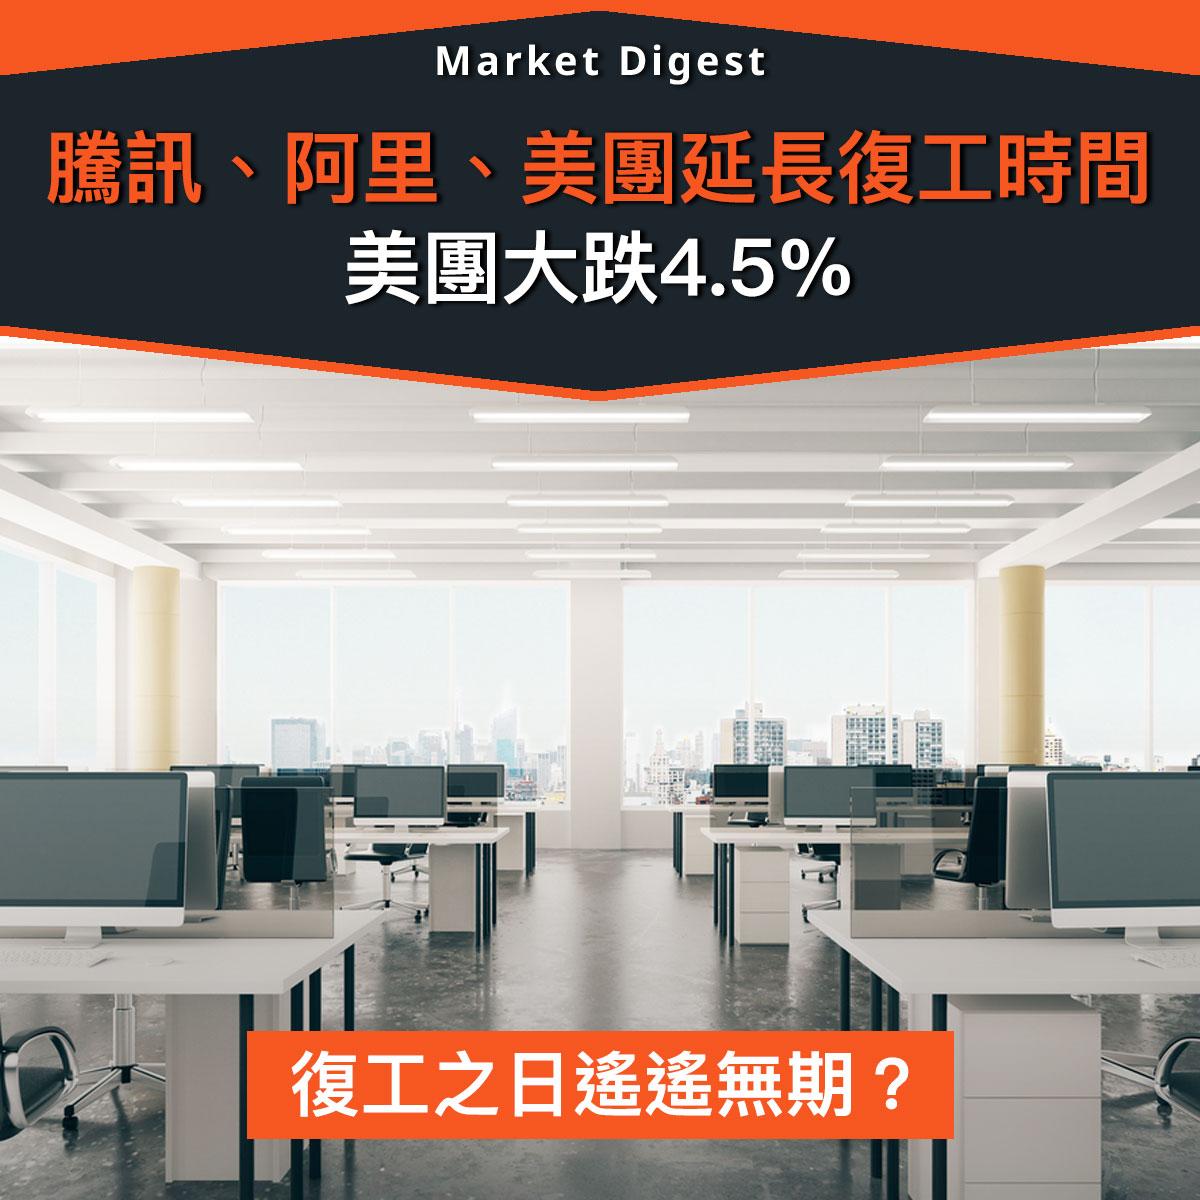 【武漢肺炎】騰訊、阿里、美團延長復工時間,美團大跌4.5%